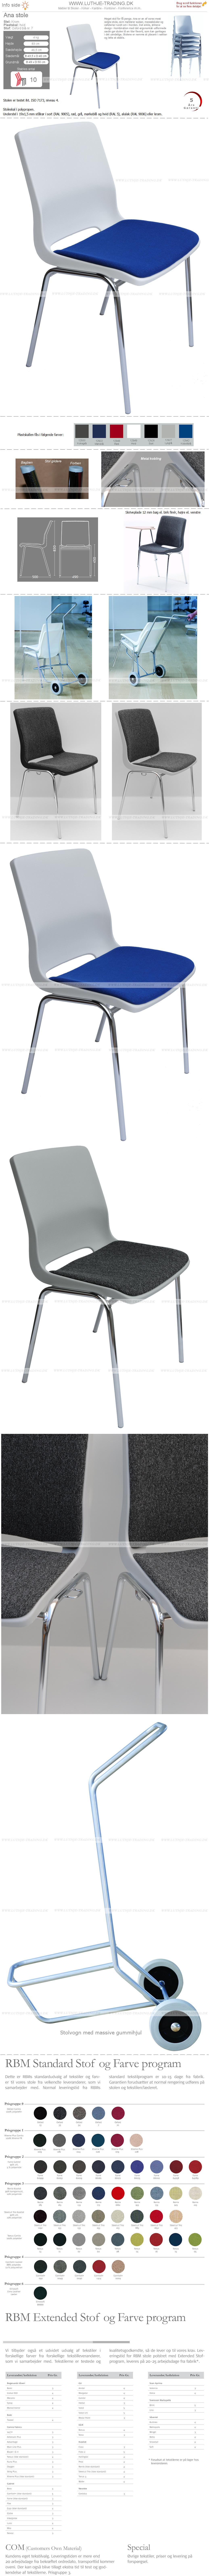 Stabelstole Ana med krom stel, hvid plastskal og Oxford stof nr. 7 på sædet